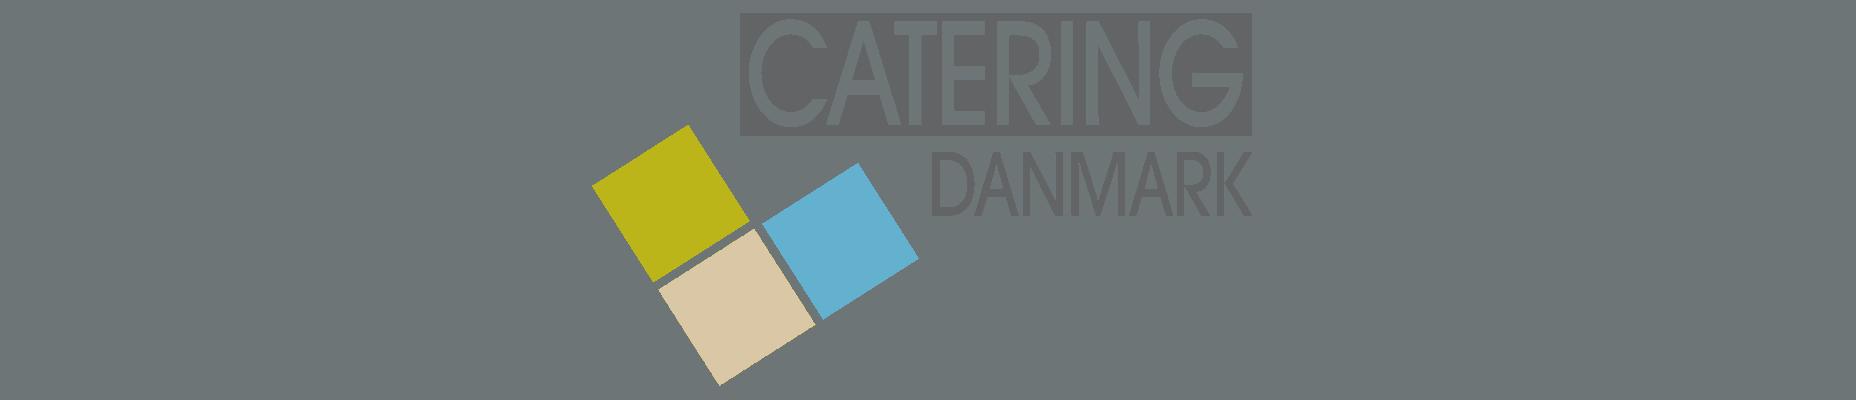 catering-danmark